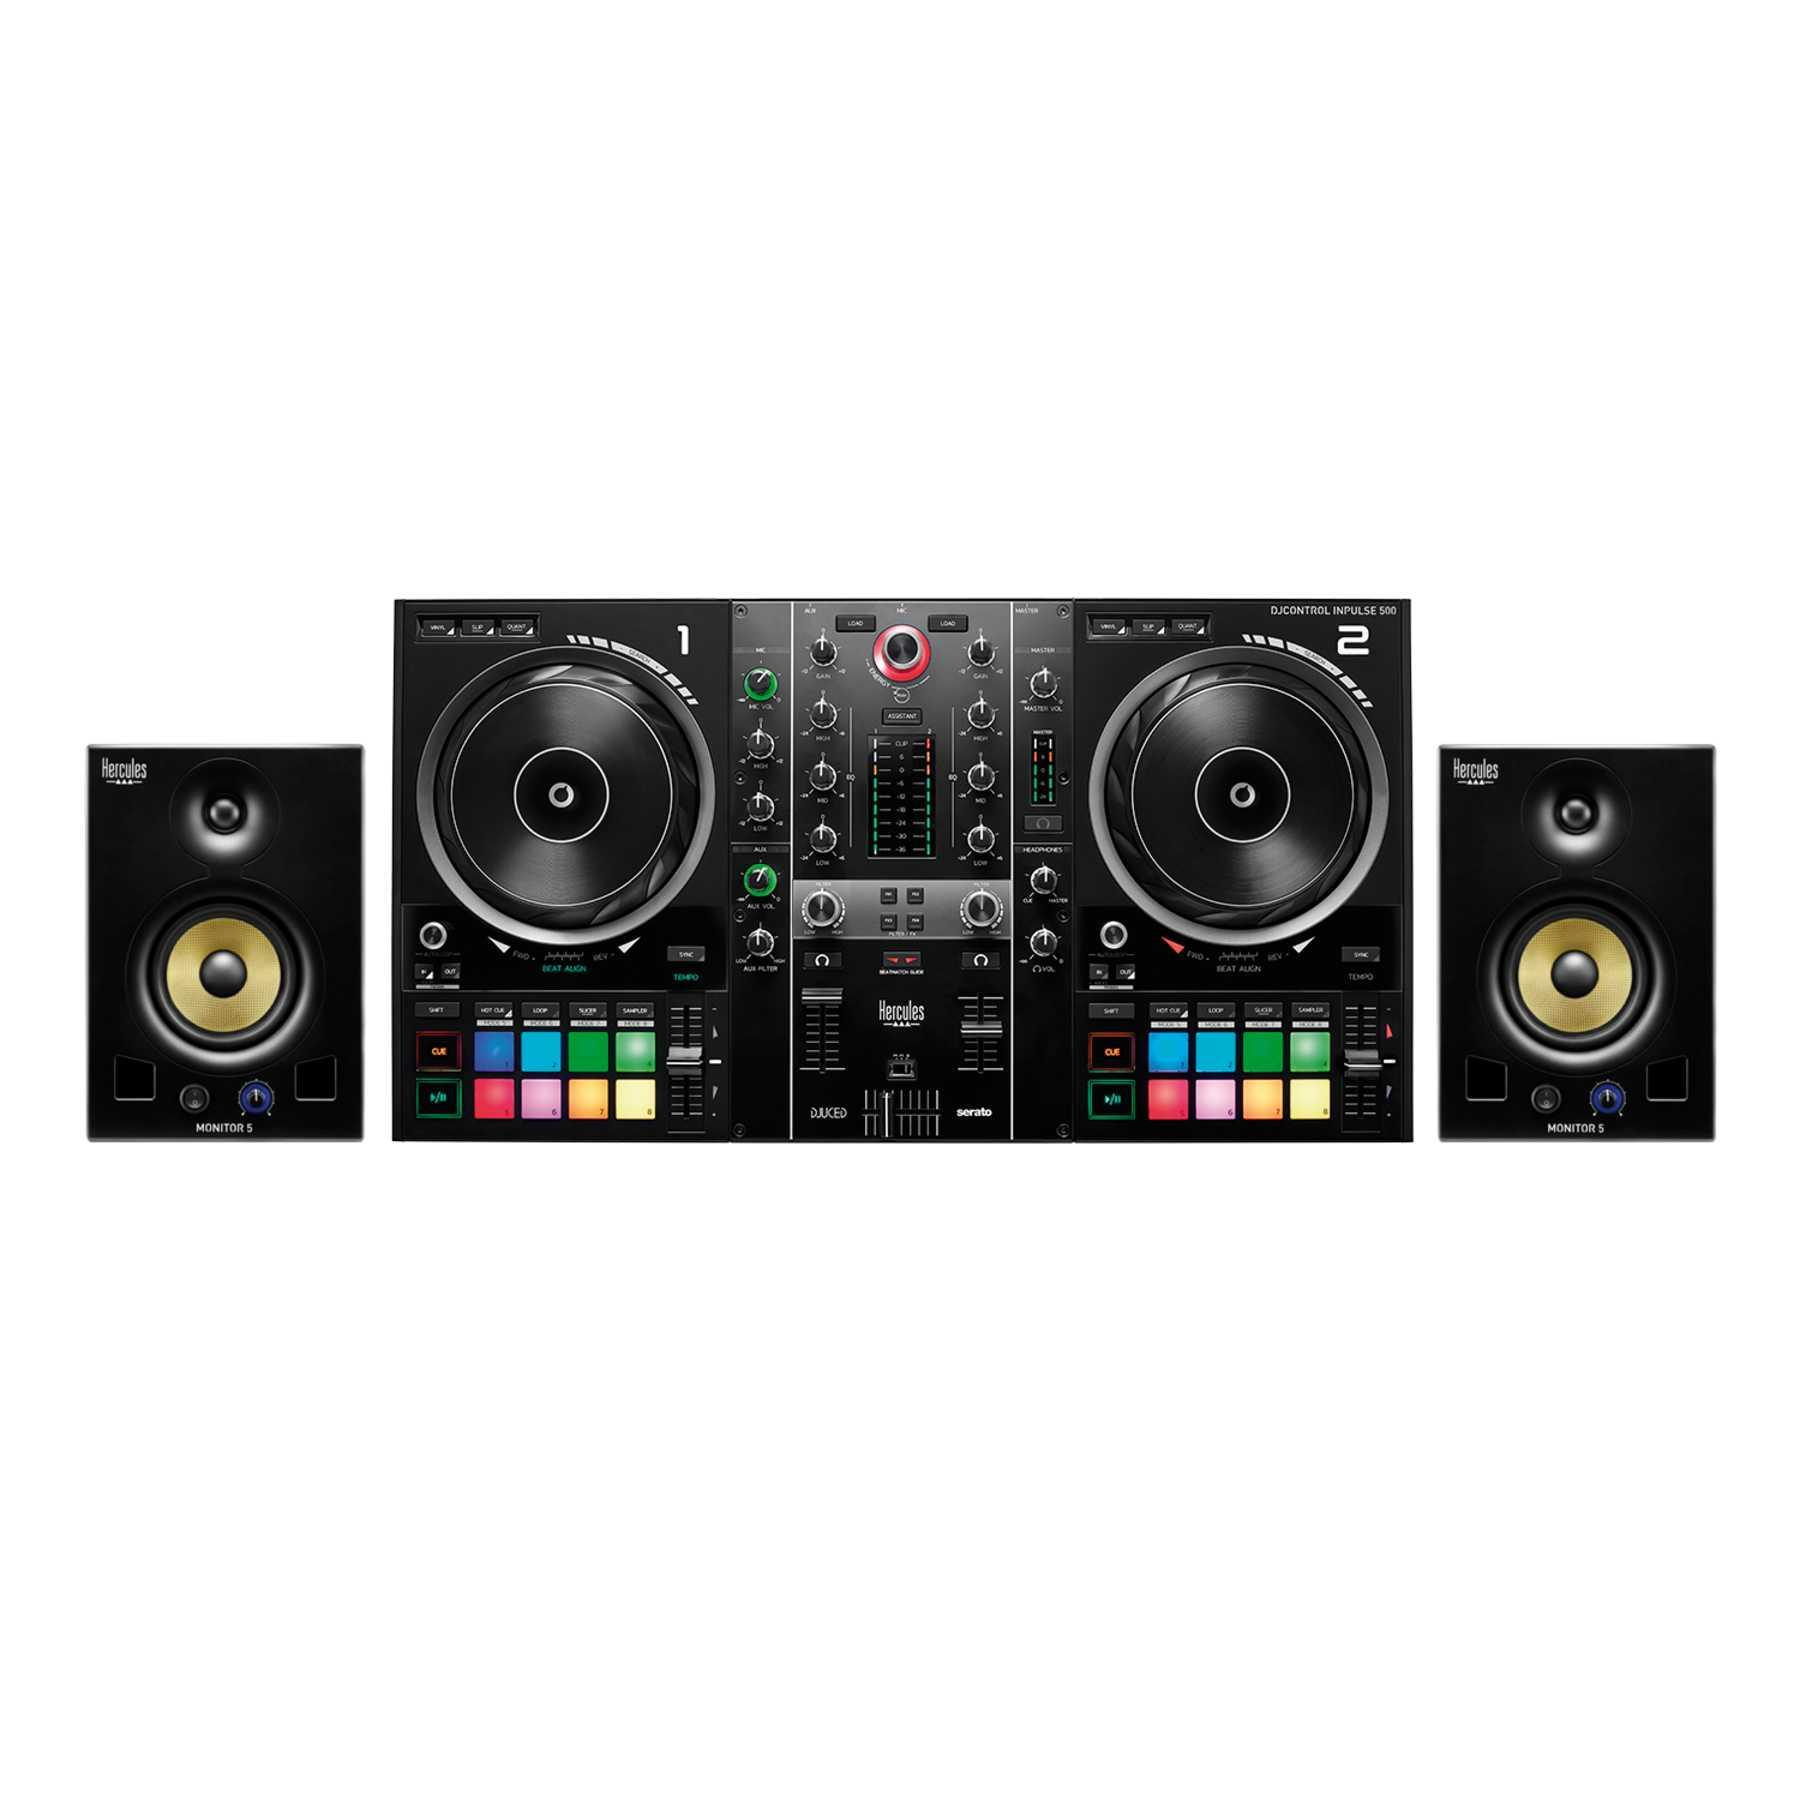 Hercules DJControl Inpulse 500 + DJ Monitor 5 244370